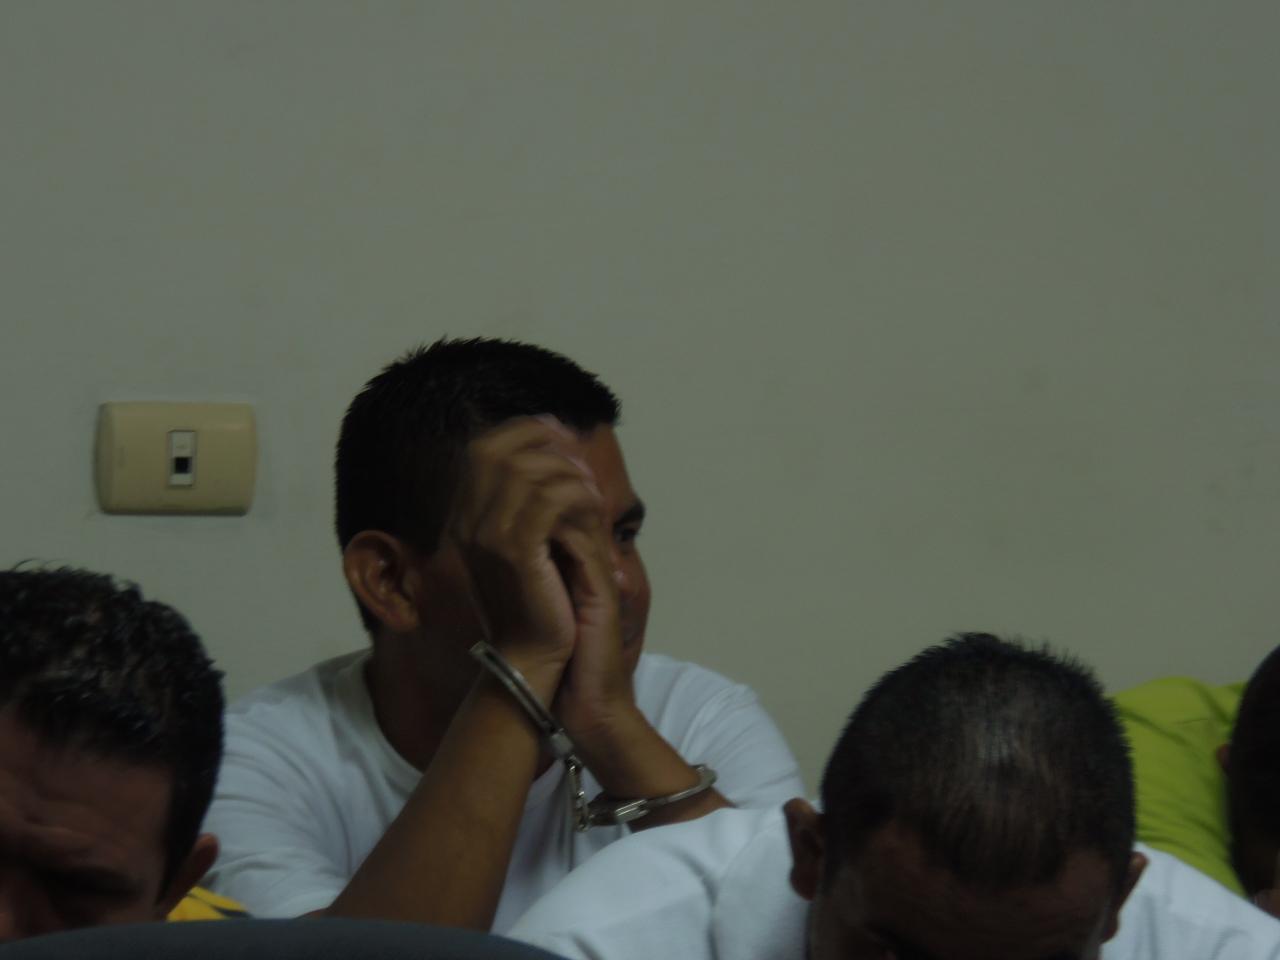 Juzgado Especializado de Instrucción resolvió mantener la detención para imputados vinculados al plan regional Lucero